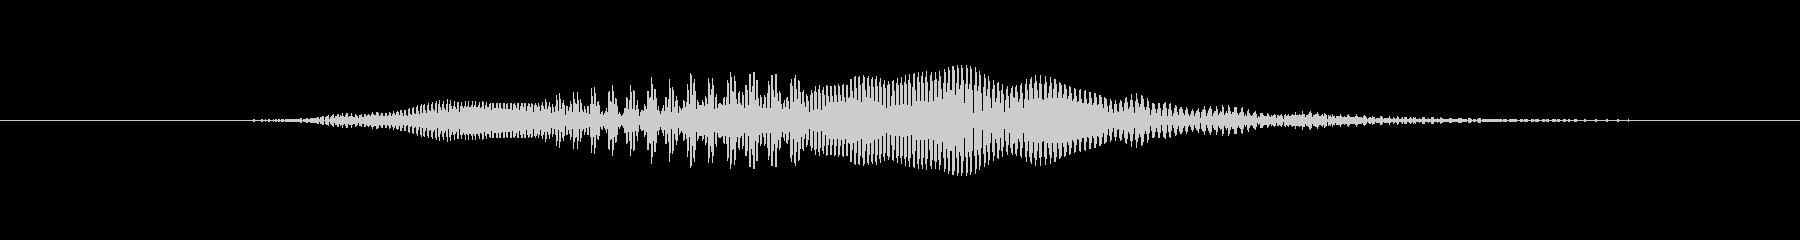 鳴き声 女性01応援すごい02の未再生の波形